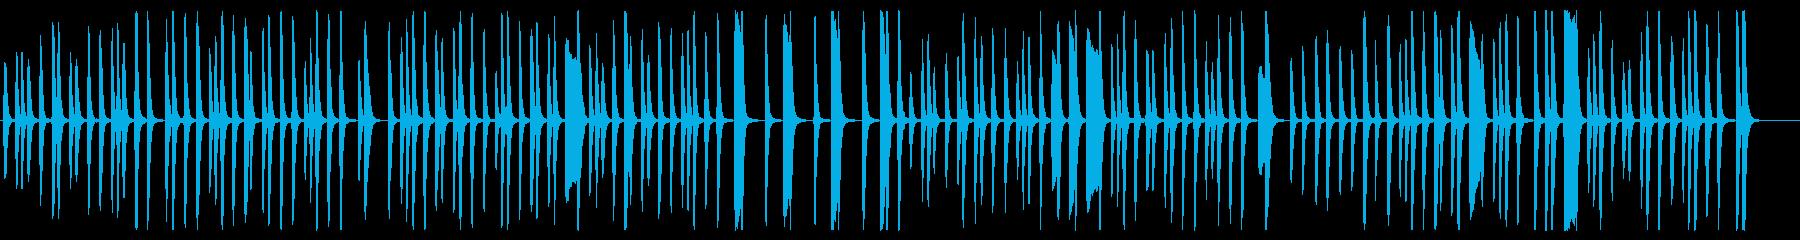 軽快で楽しげなピアノの曲の再生済みの波形